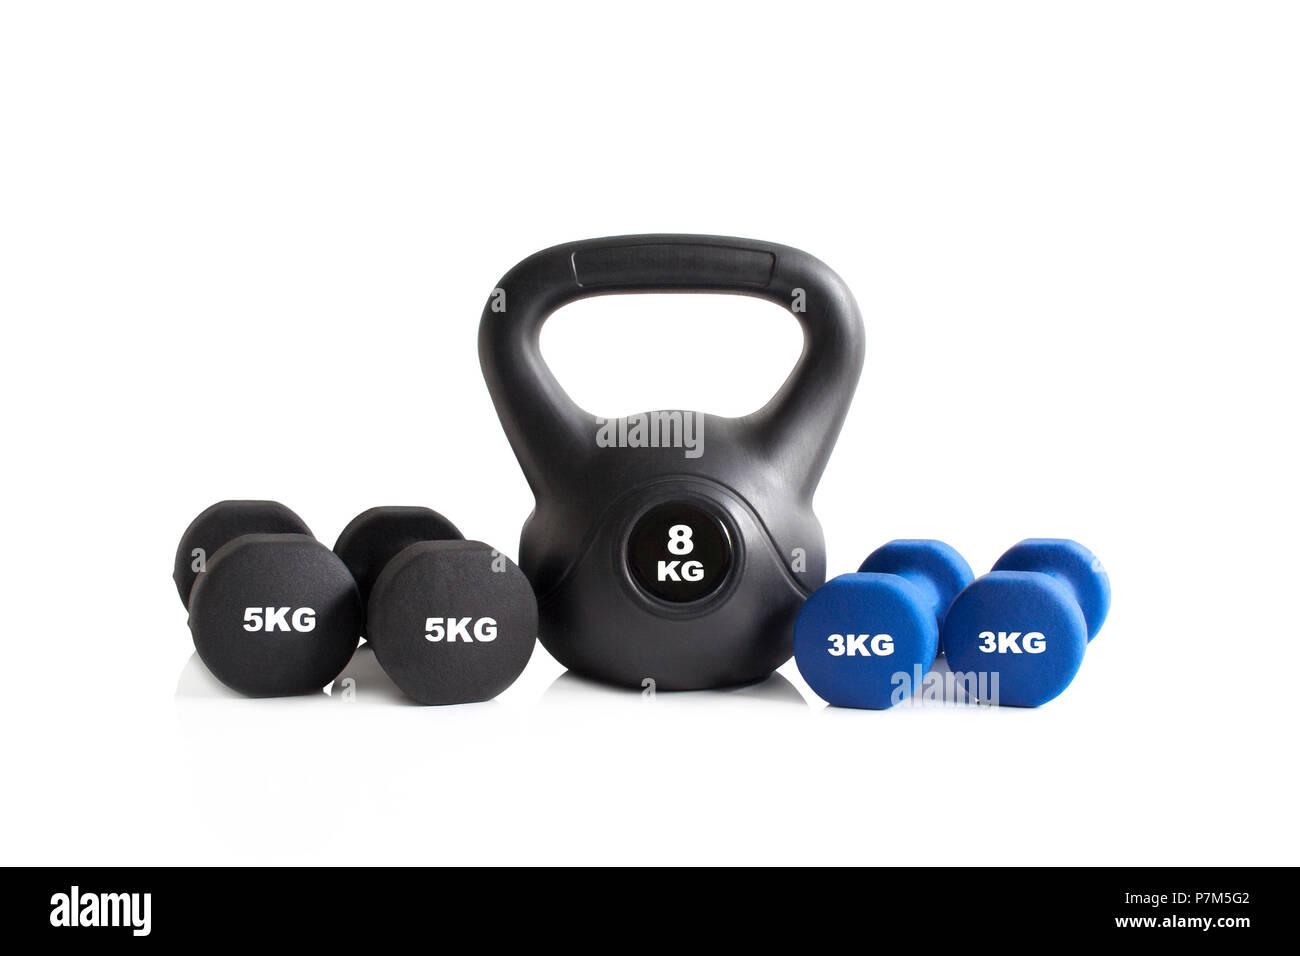 Noir et bleu équipements d'entraînement isolé sur un fond blanc. Photo Stock